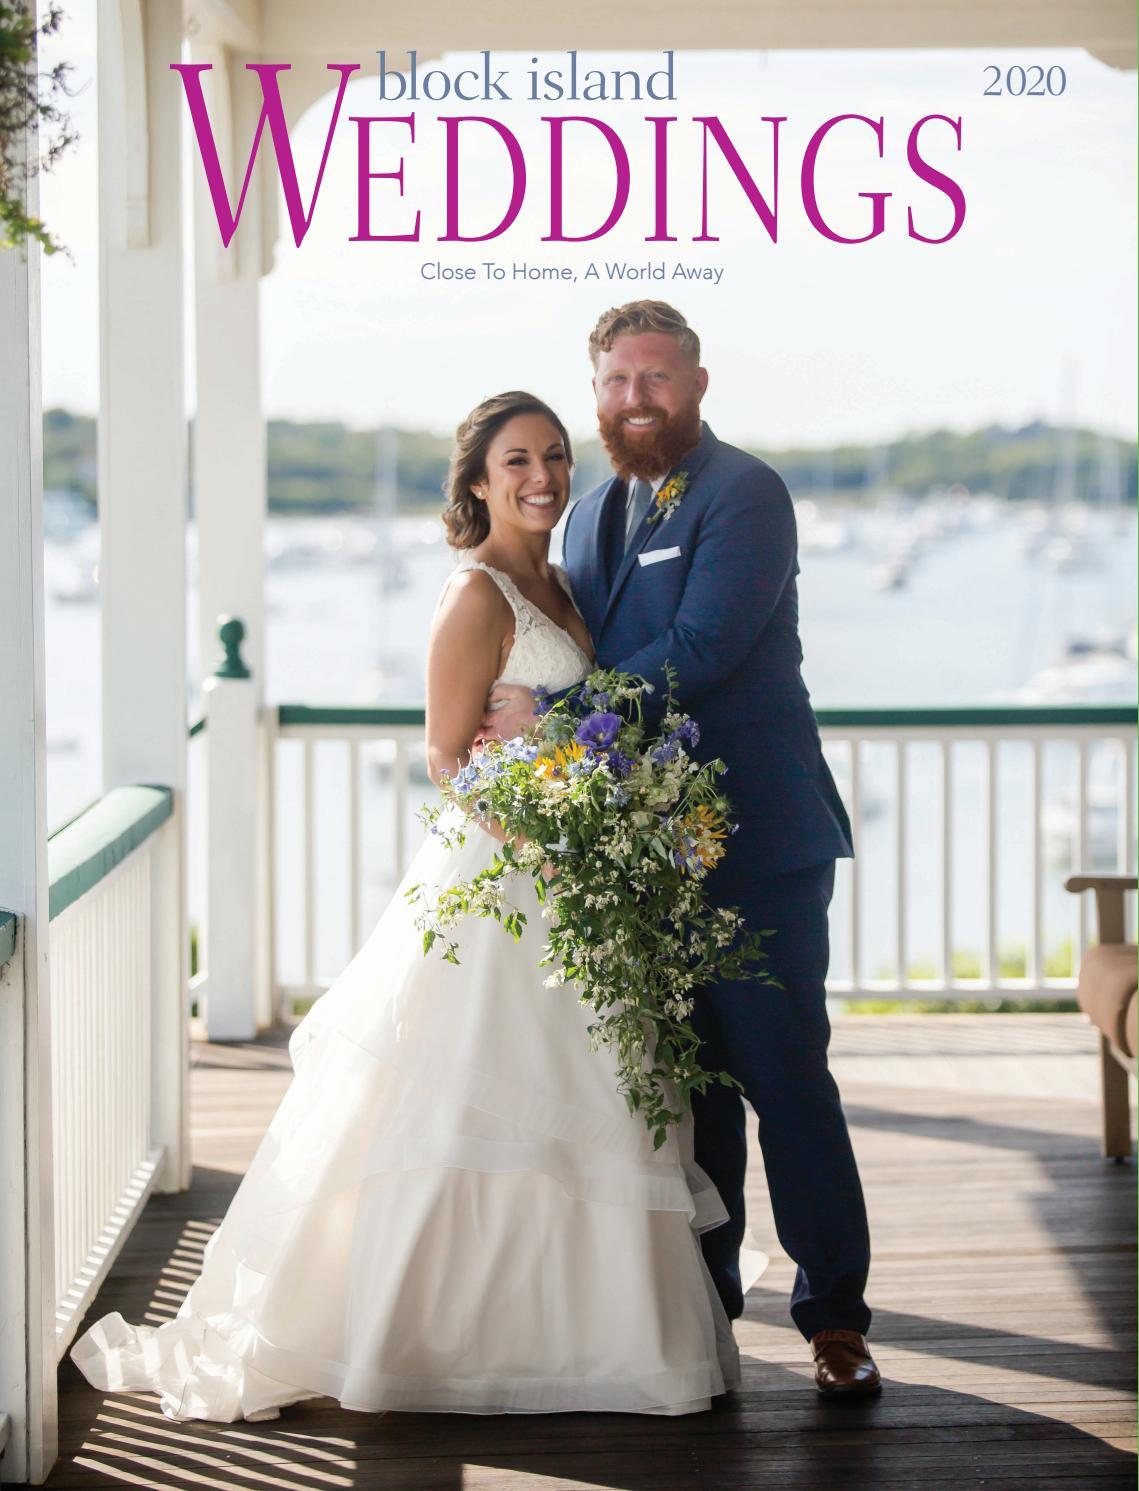 Block Island Weddings 2020 By Blockisland Issuu